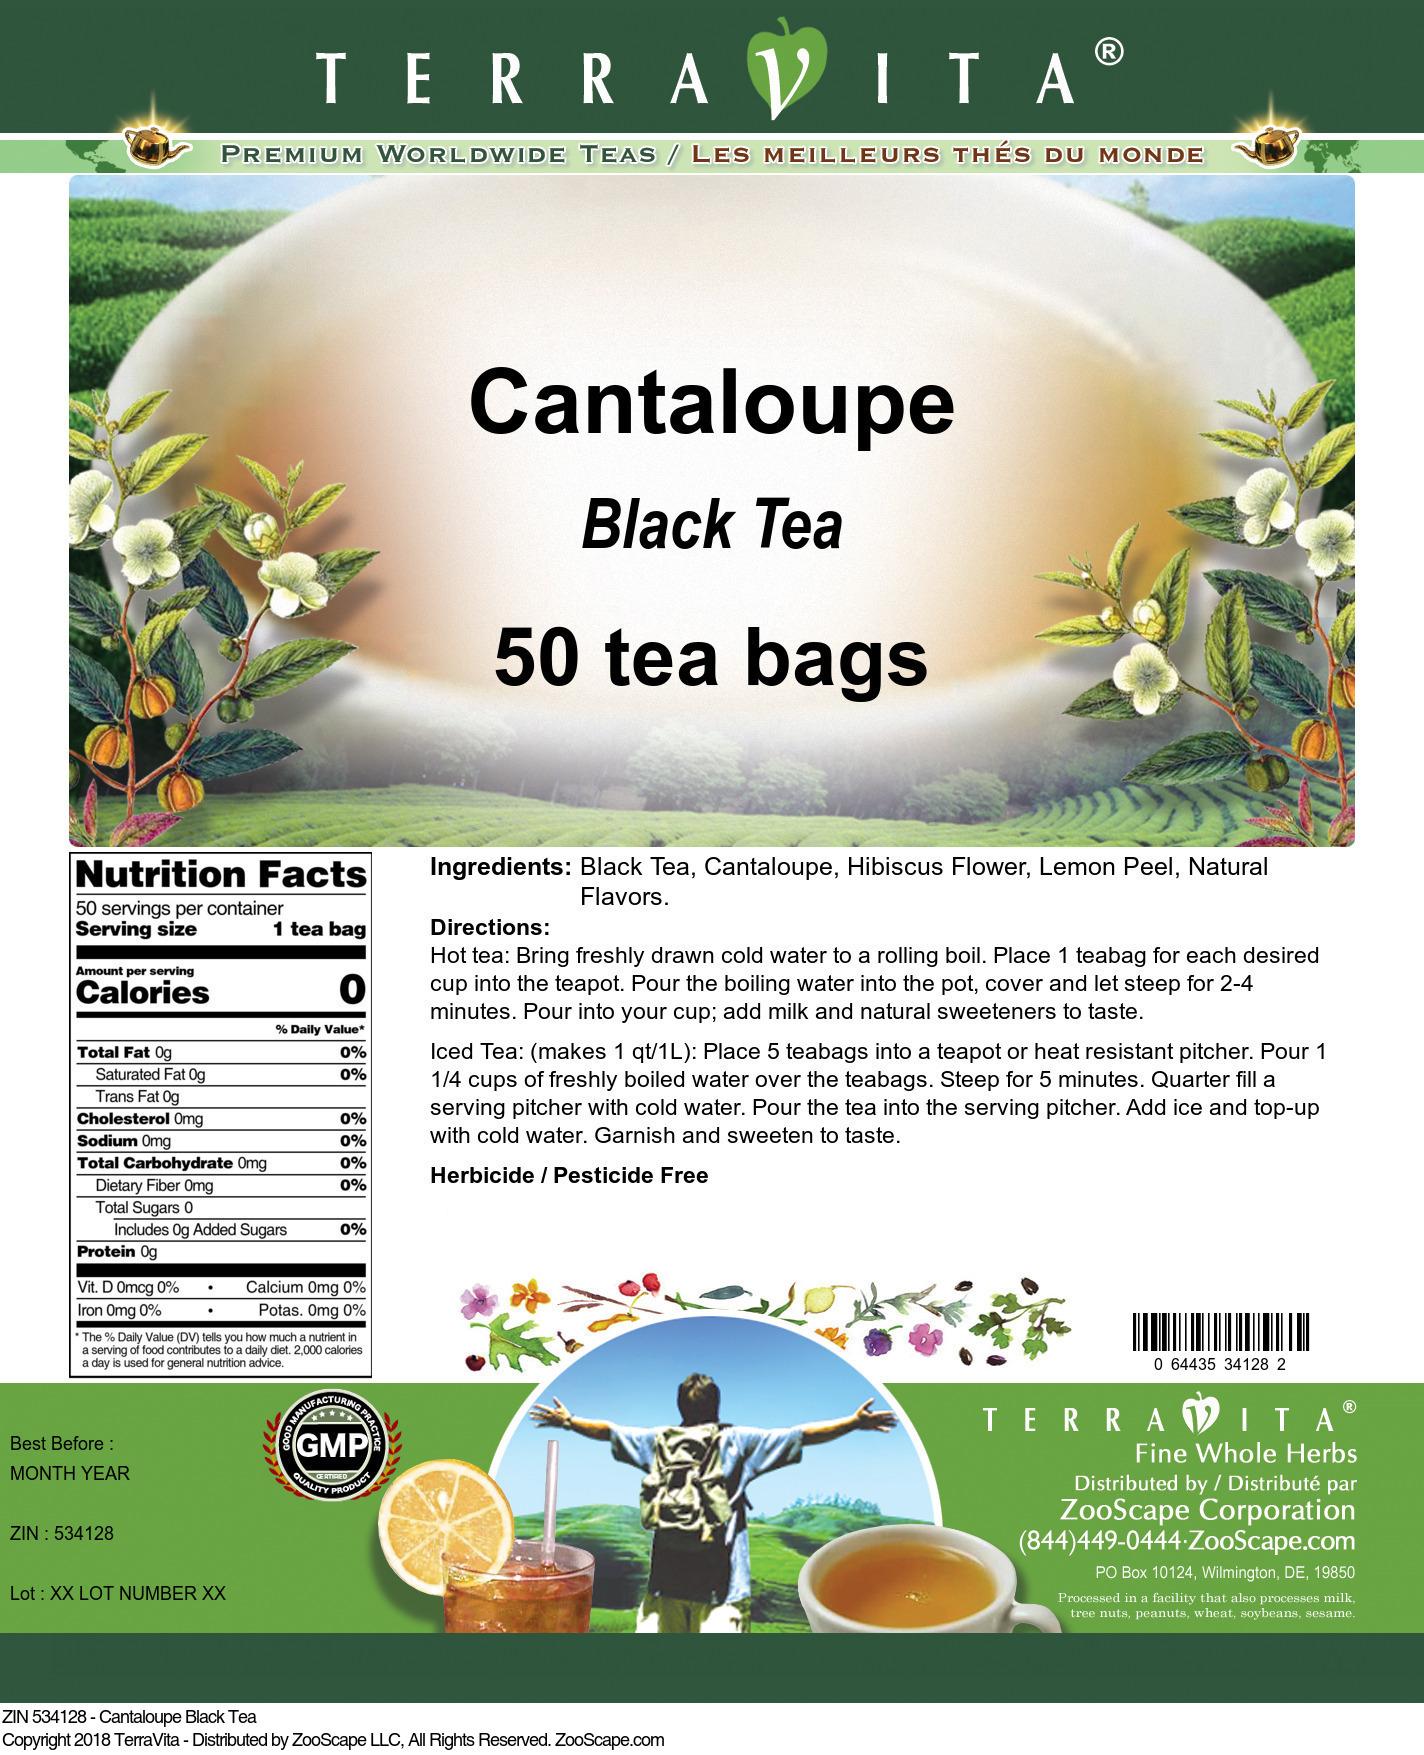 Cantaloupe Black Tea